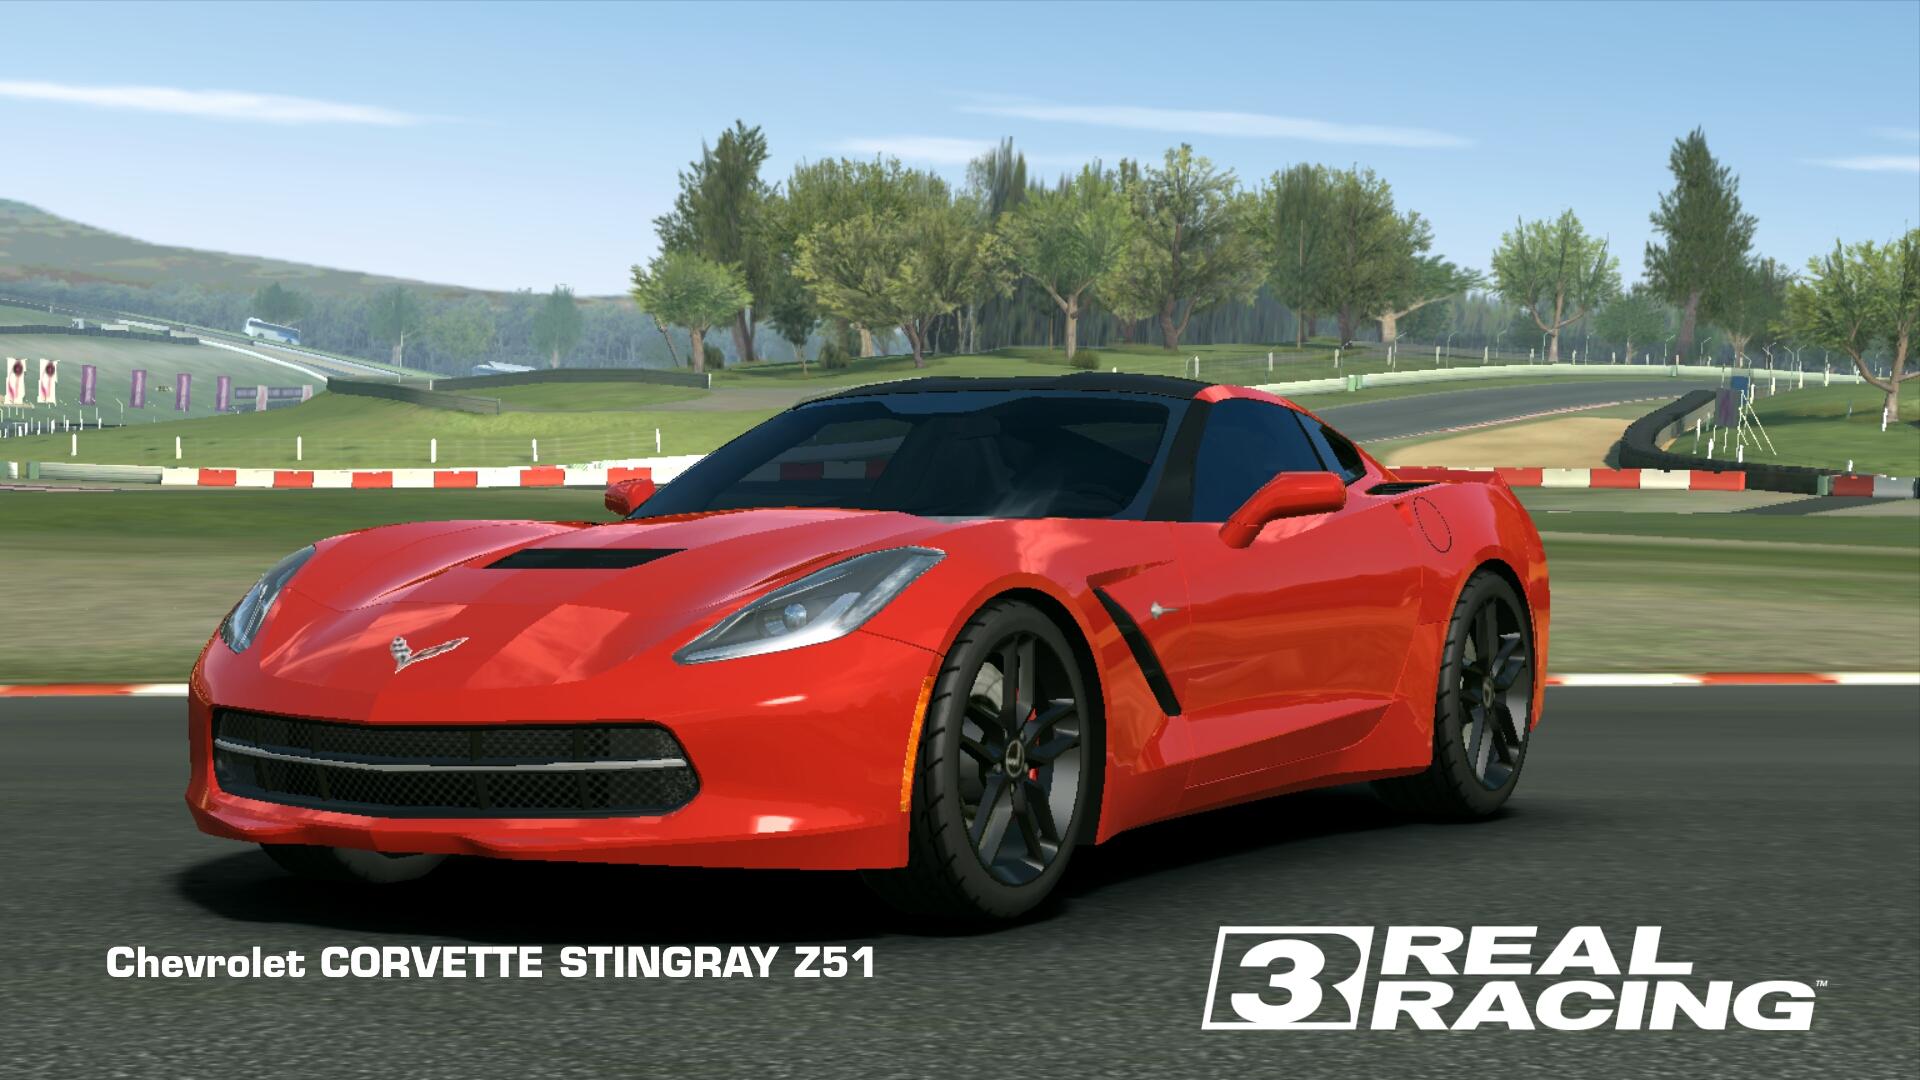 chevrolet corvette stingray z51 | real racing 3 wiki | fandom